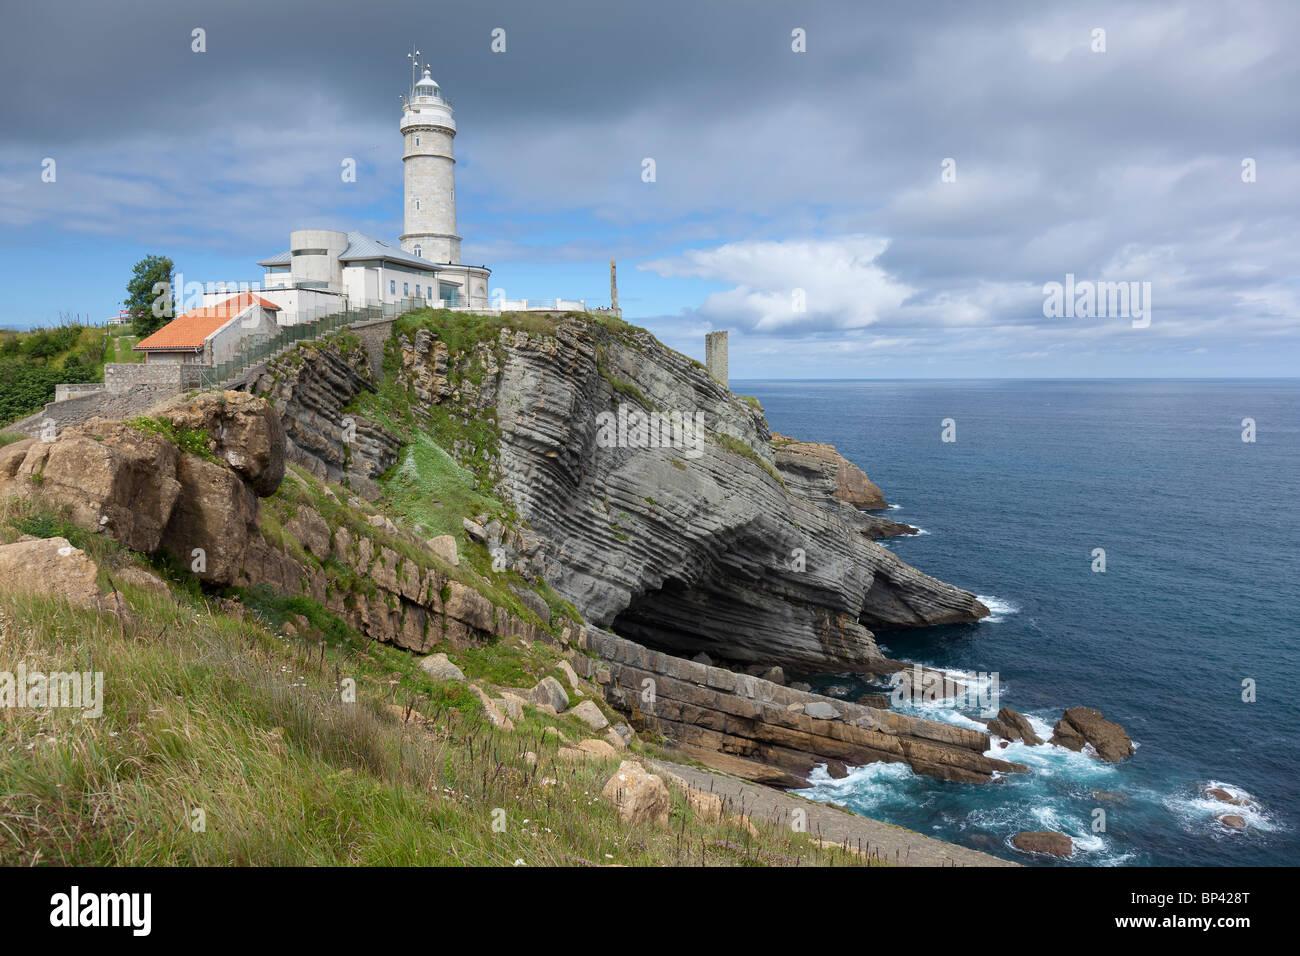 El chat gay de Cantabria. Si estás en Cantabria, este es tu chat gay.